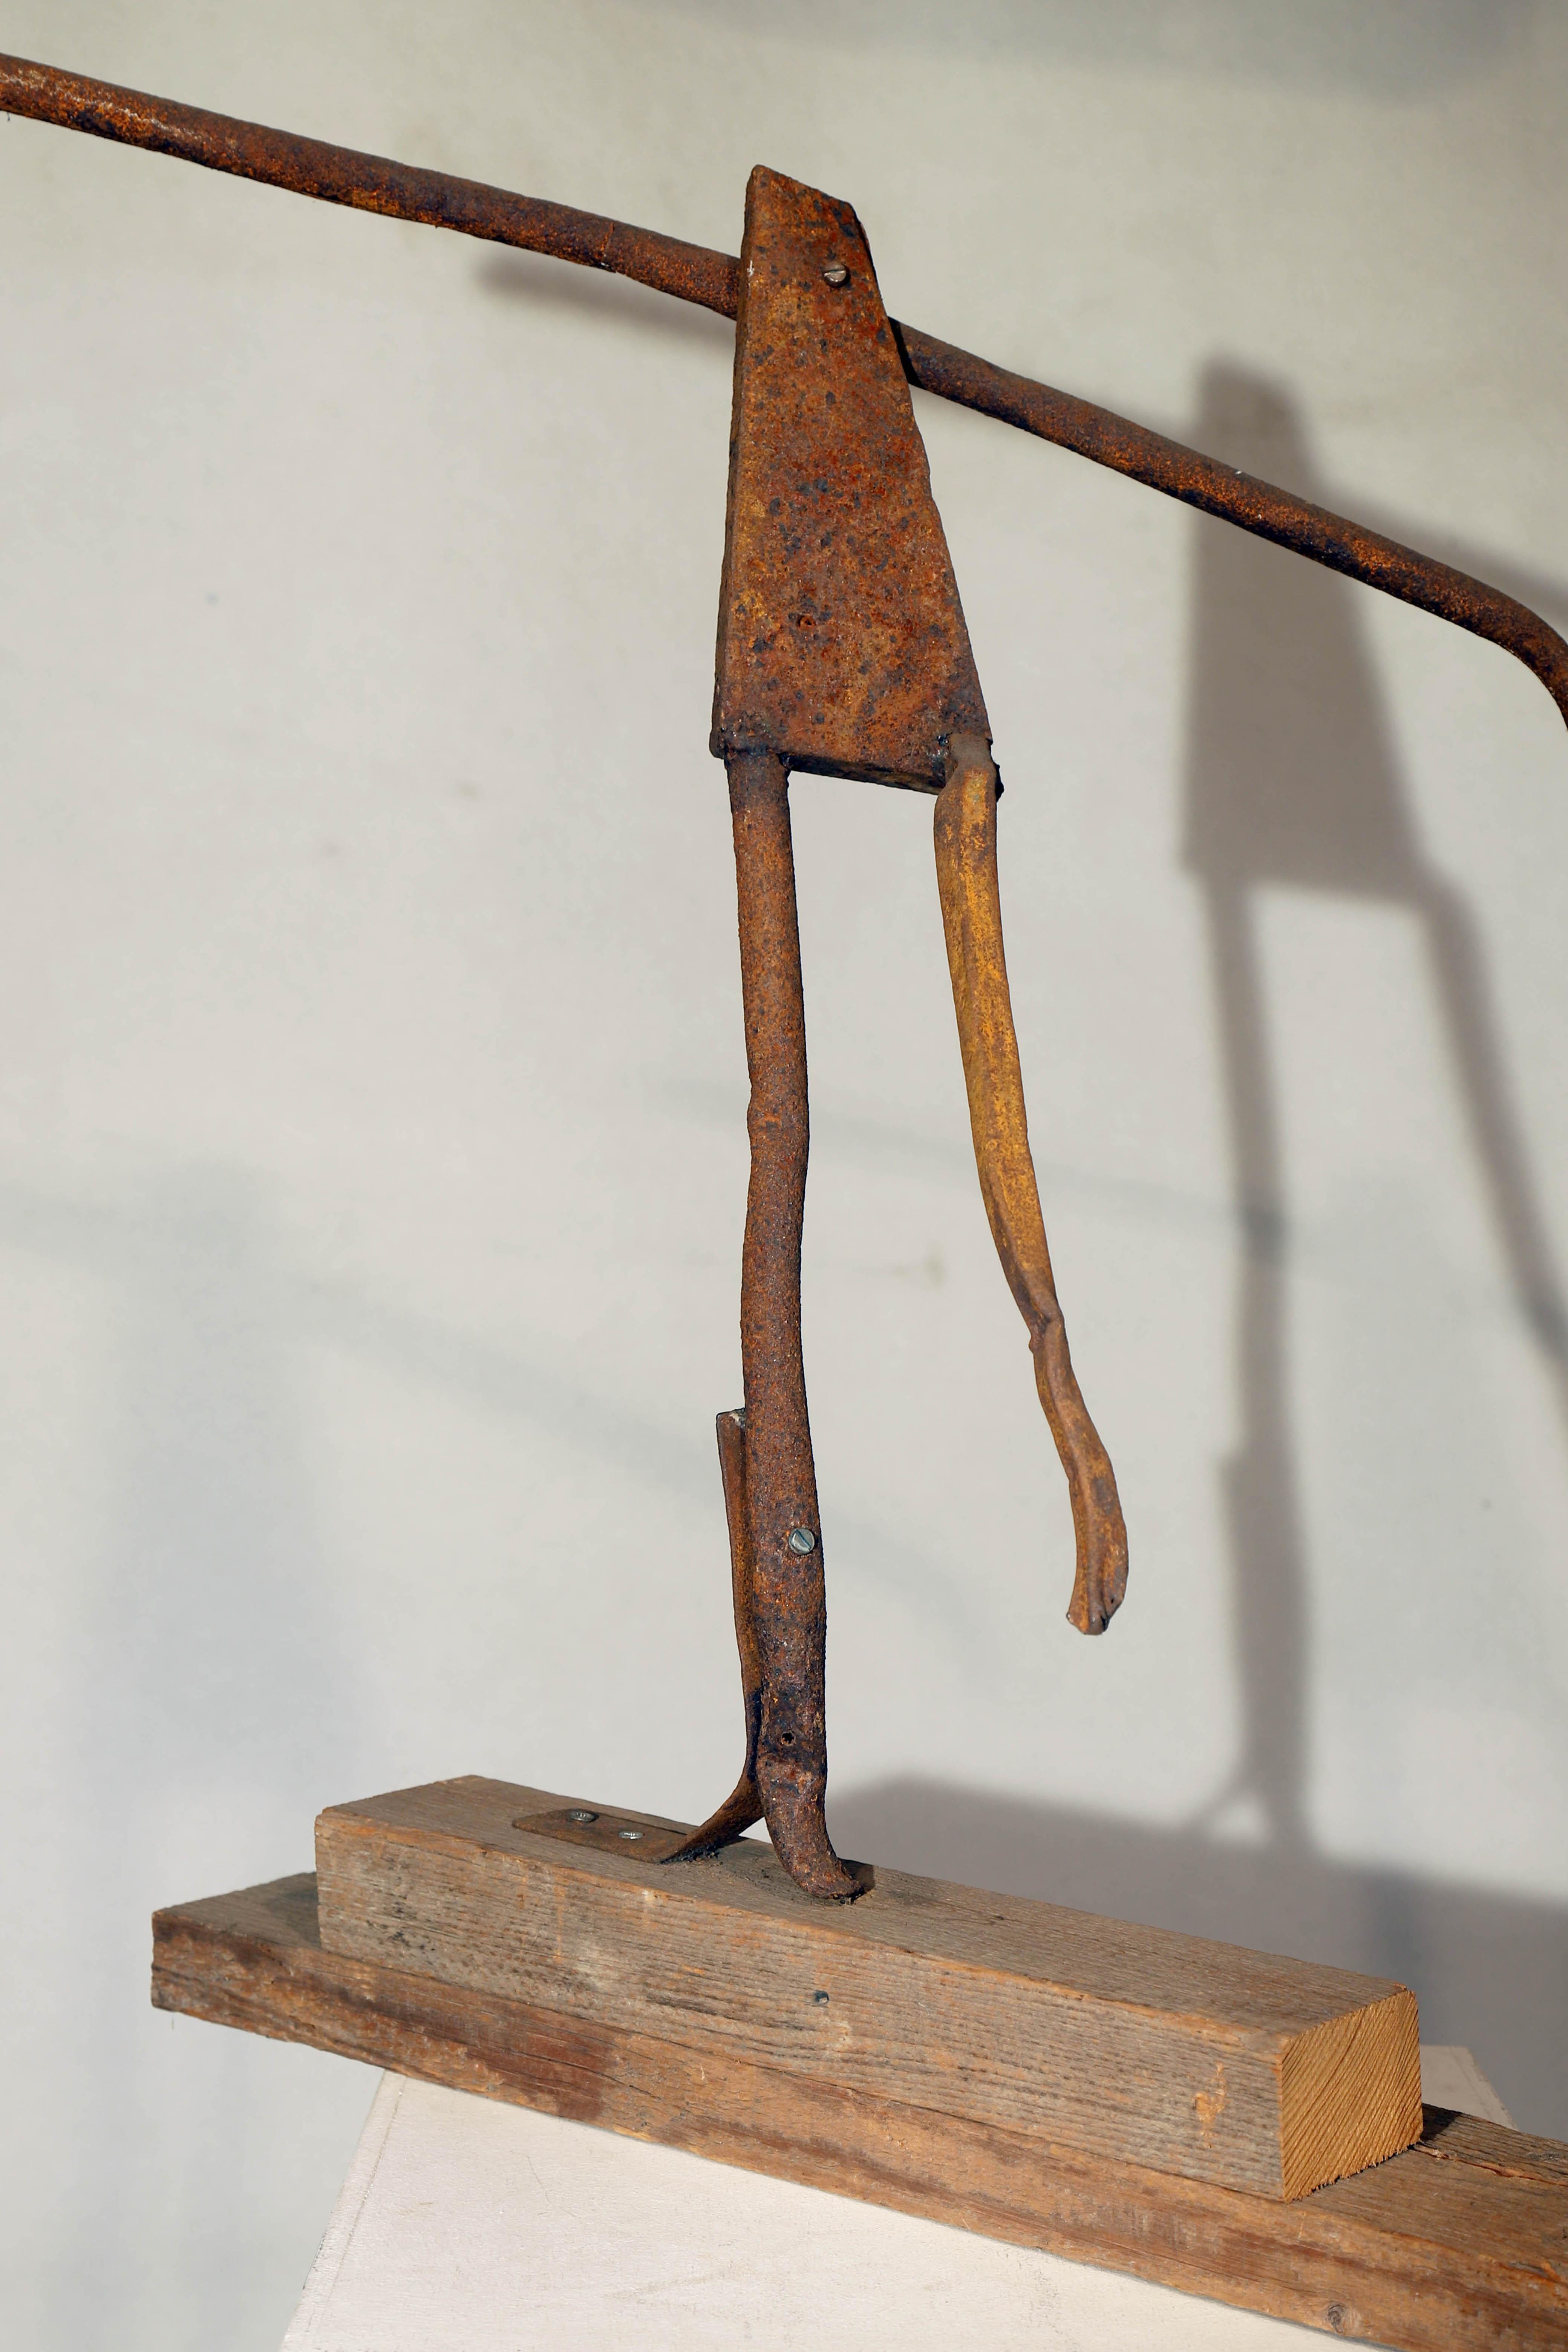 Antonio Panzuto - sculture Ruggini - Figura danzante 1 - Rusty sculpture Dancing figure